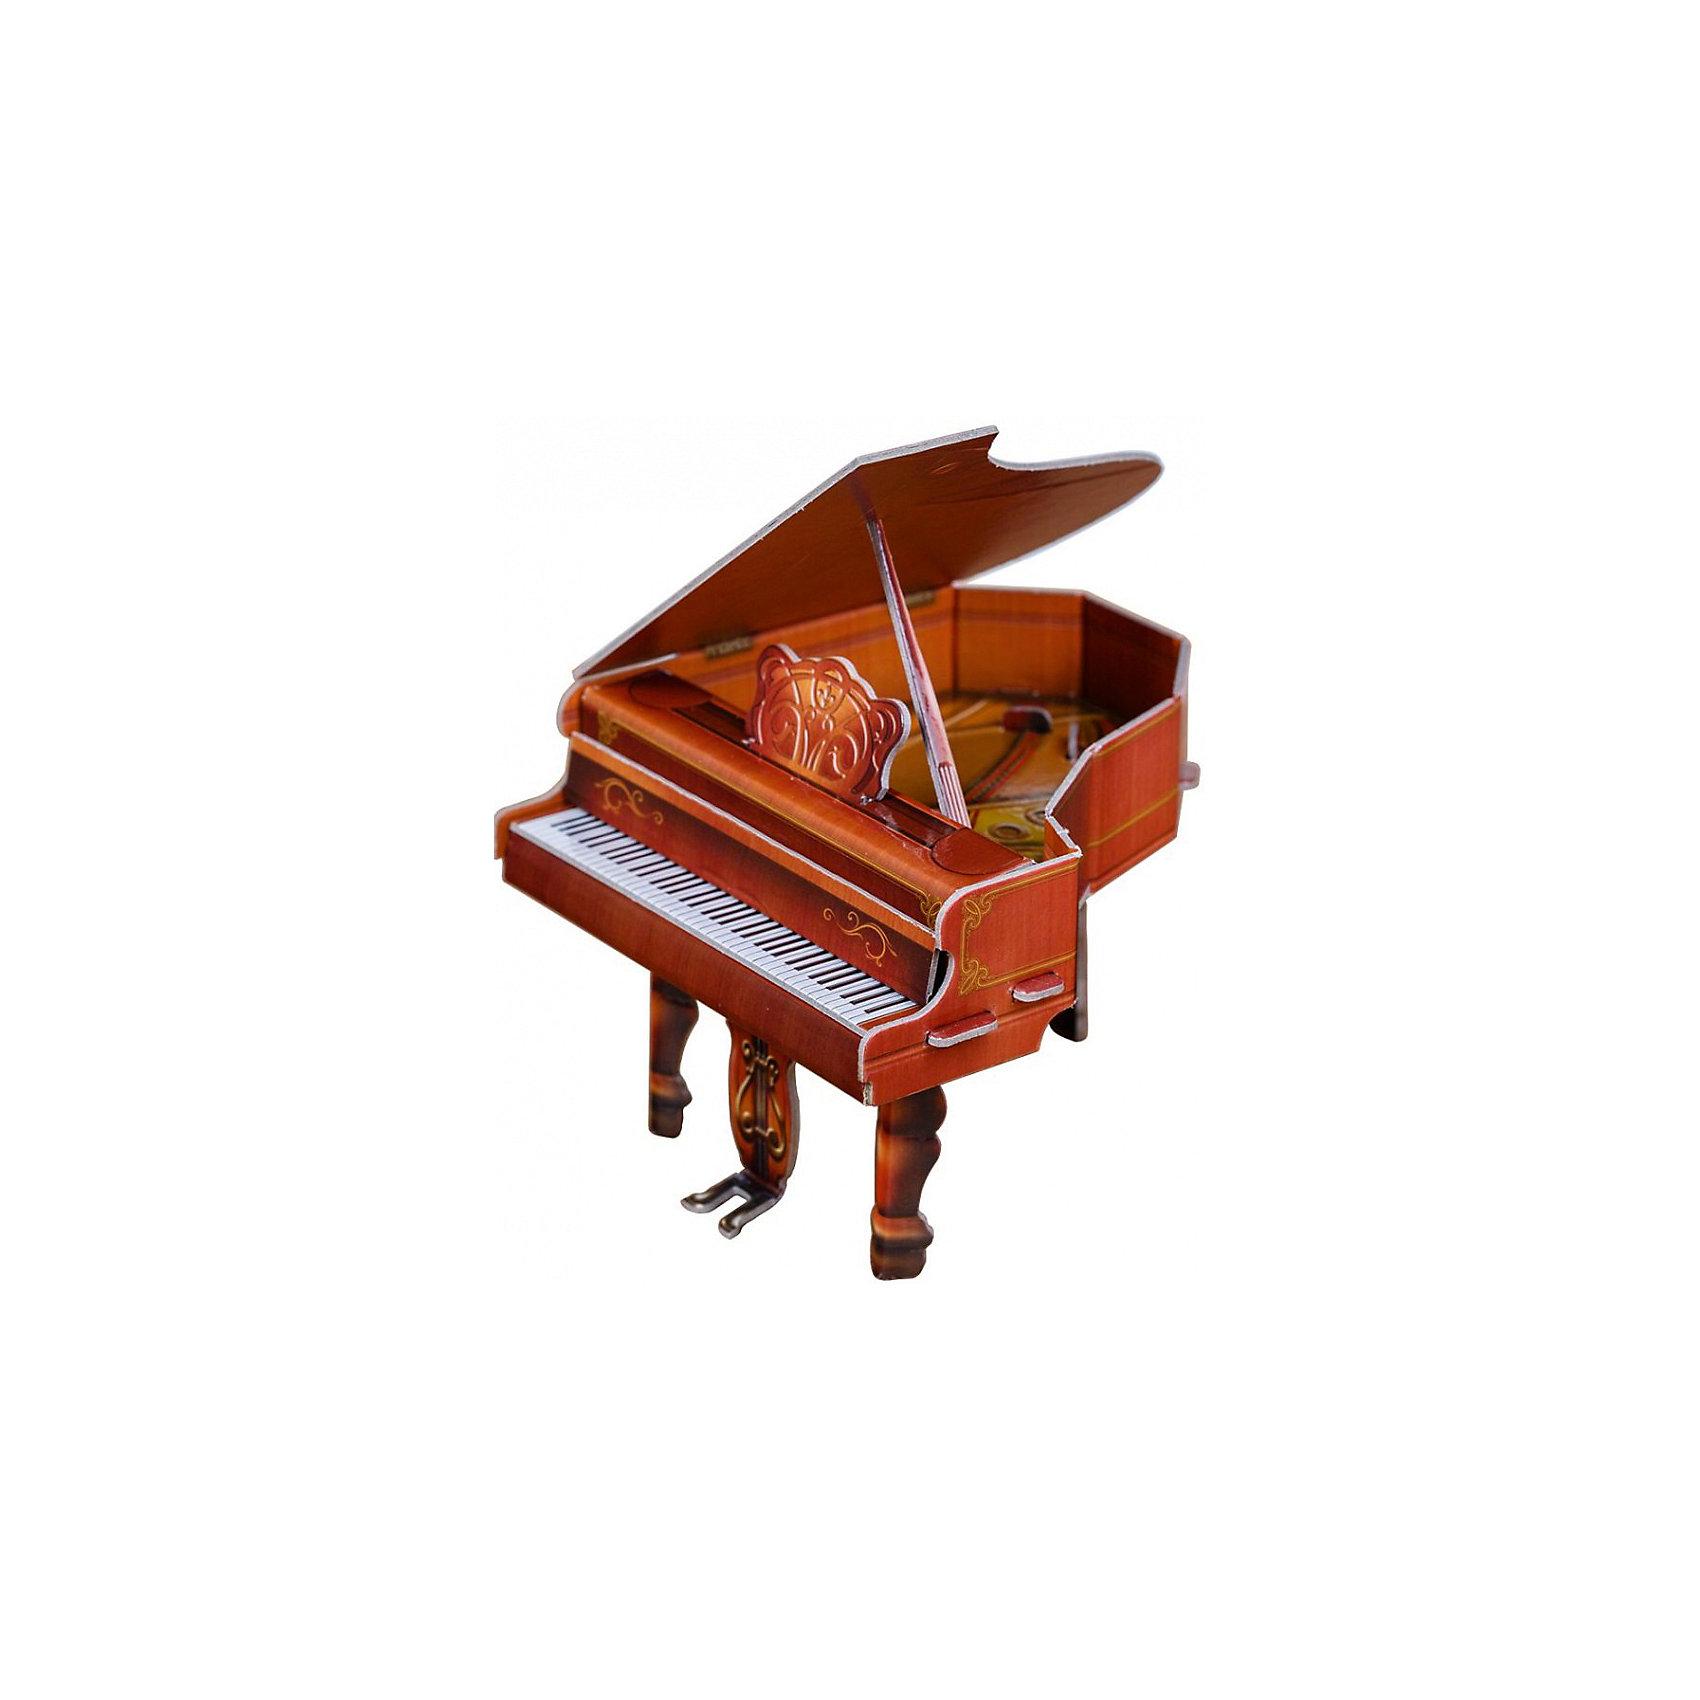 Сборная модель Коллекционный набор мебели РояльМодели из картона и бумаги<br>Рояль (коричневый) - cюжетный игровой набор из плотного картона. Серия: Кукольный дом и мебель. Количество деталей, шт: 14. Размер в собранном виде, см: Рояль - 11,6 х 10,7 х 10. Скамья - 4 х 4 х 43,5.. Размер упаковки, мм.:  высота 250 ширина 175 глубина 3. Тип упаковки: Пакет ПП с подвесом. Вес, гр.: 104. Возраст: от 7 лет. Все модели и игрушки, созданные по технологии УМНАЯ БУМАГА собираются без ножниц и клея, что является их неповторимой особенностью.<br>Принцип соединения деталей запатентован. Соединения деталей продуманы и просчитаны с такой точностью, что при правильной сборке с моделью можно играть, как с обычной игрушкой.<br><br>Ширина мм: 175<br>Глубина мм: 3<br>Высота мм: 250<br>Вес г: 104<br>Возраст от месяцев: 84<br>Возраст до месяцев: 2147483647<br>Пол: Унисекс<br>Возраст: Детский<br>SKU: 4807413